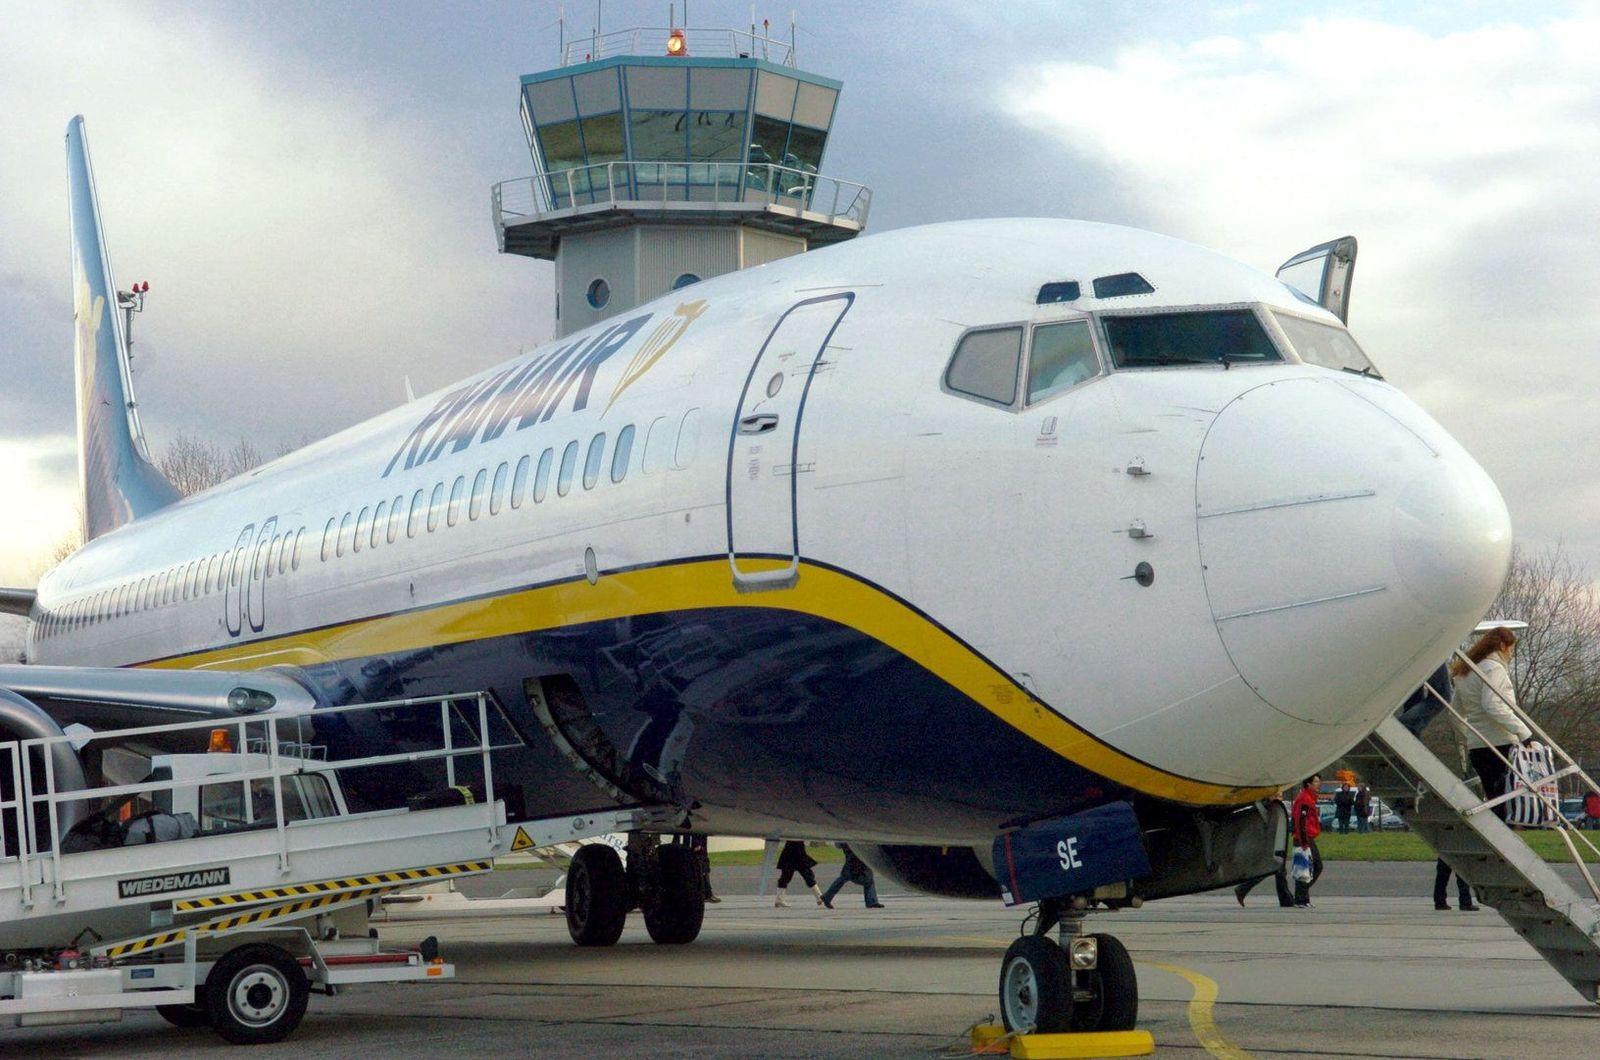 Flughafen Leipzig-Altenburg / Ryanair